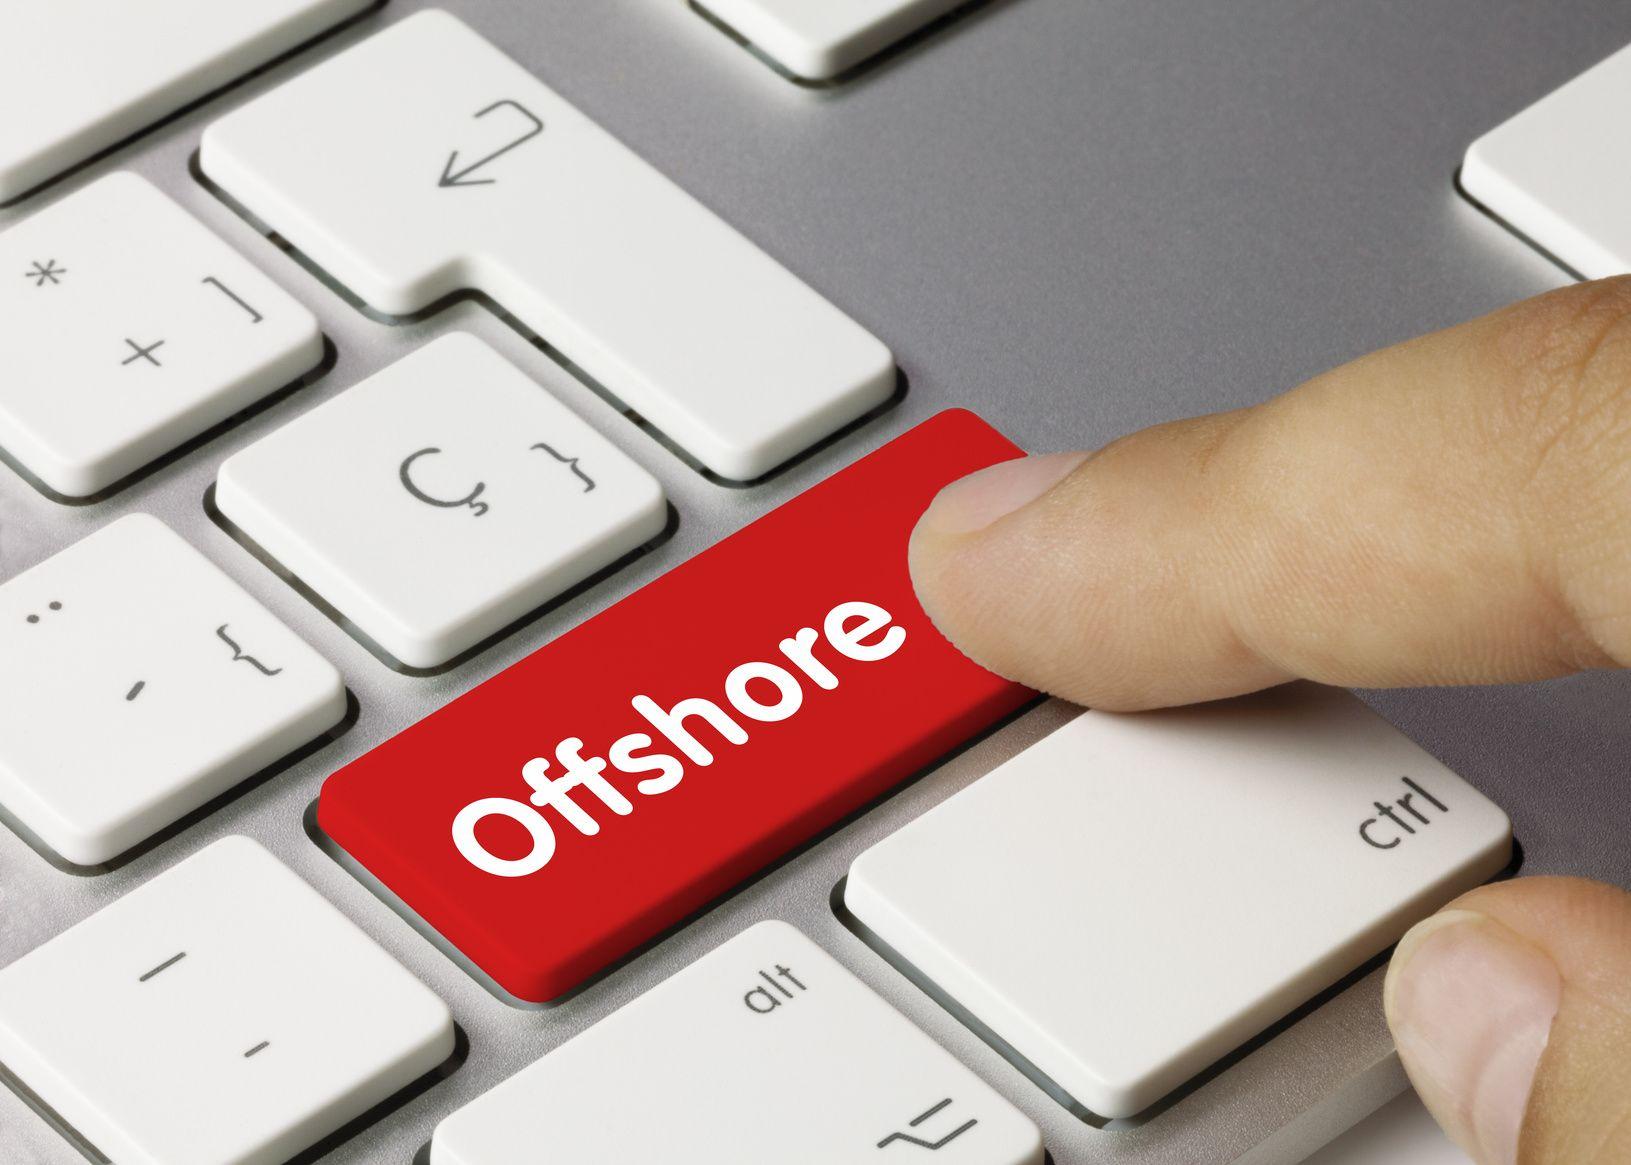 Fotografia banca offshore